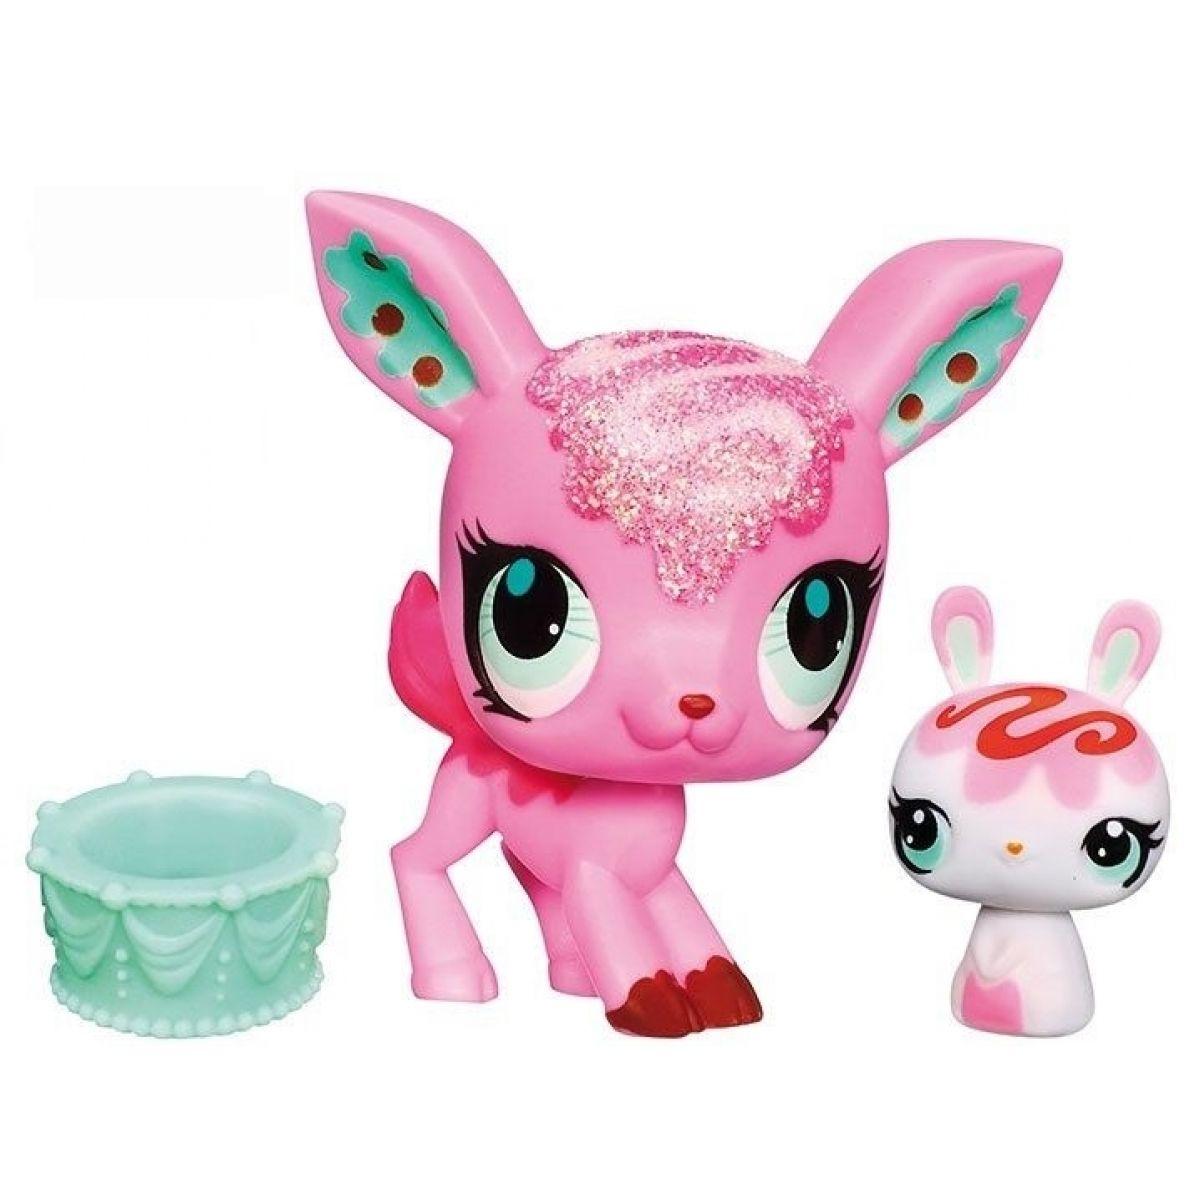 Littlest Pet Shop zvířátka - 3037 Jelen 3038 Králík